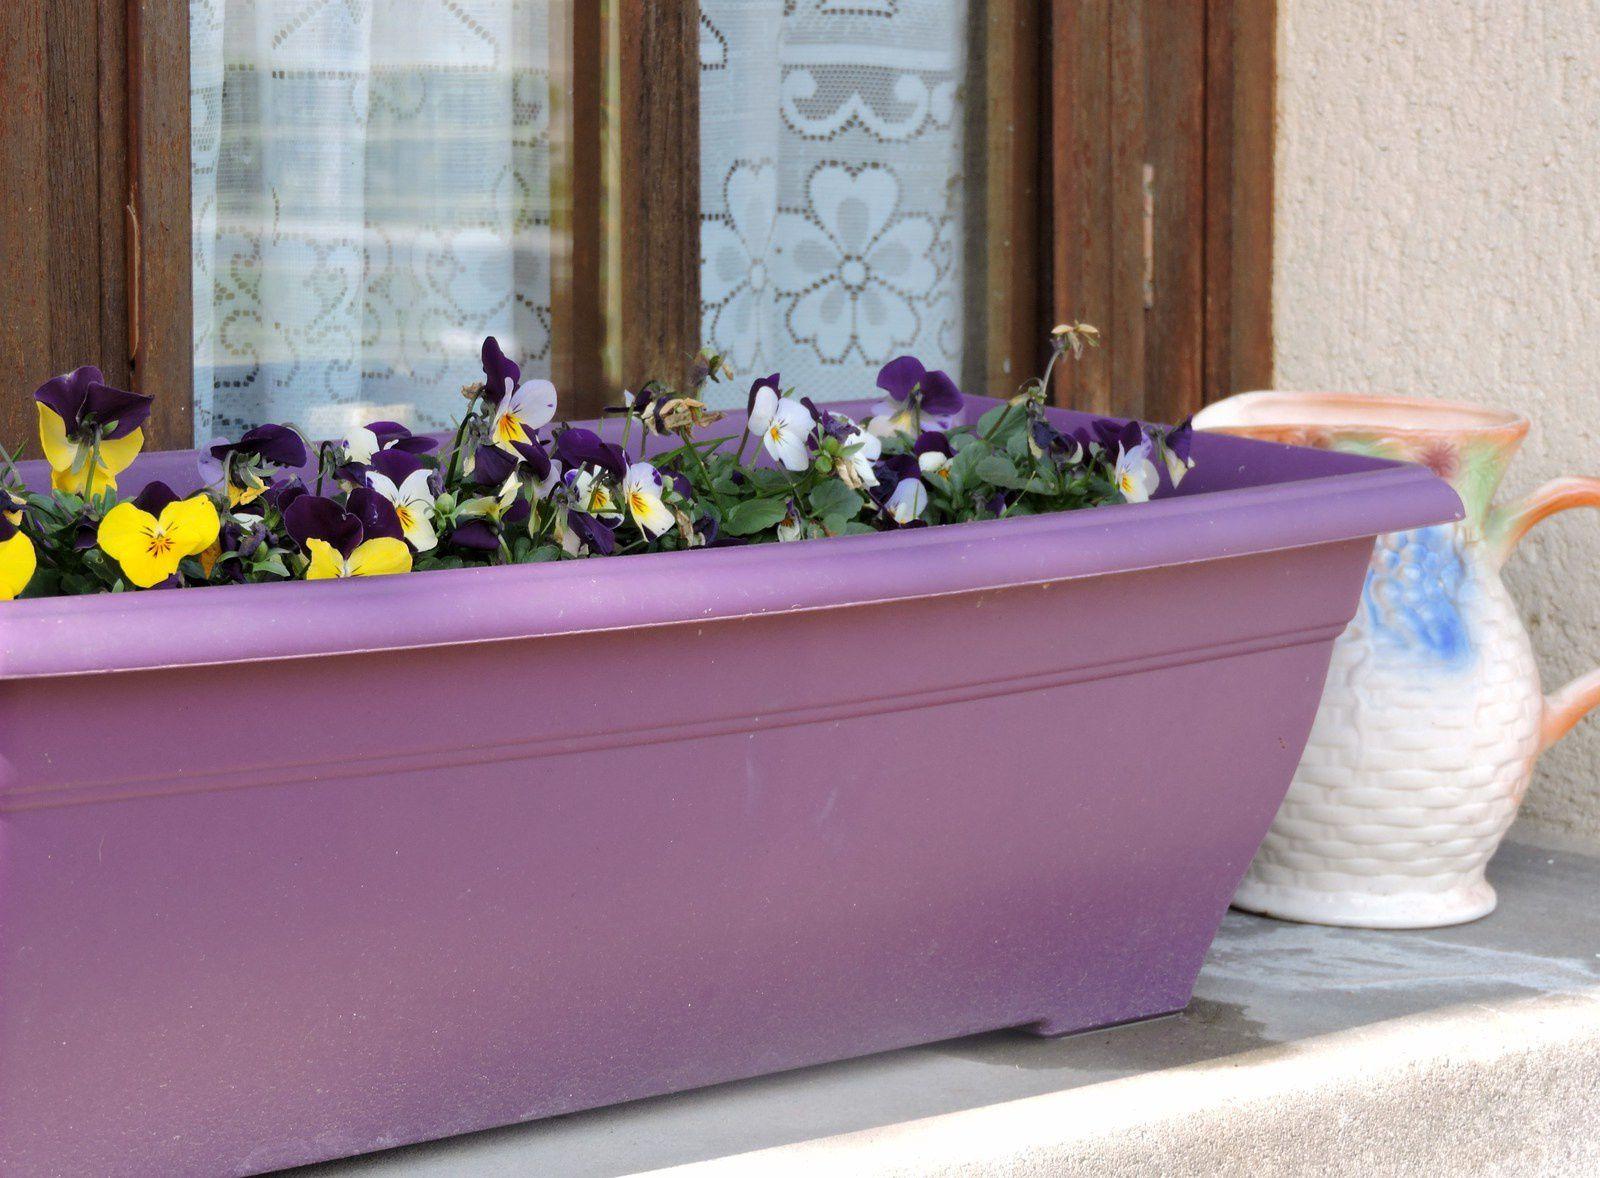 Une petite jardinière couleur aubergine accueillent quelques violettes ...